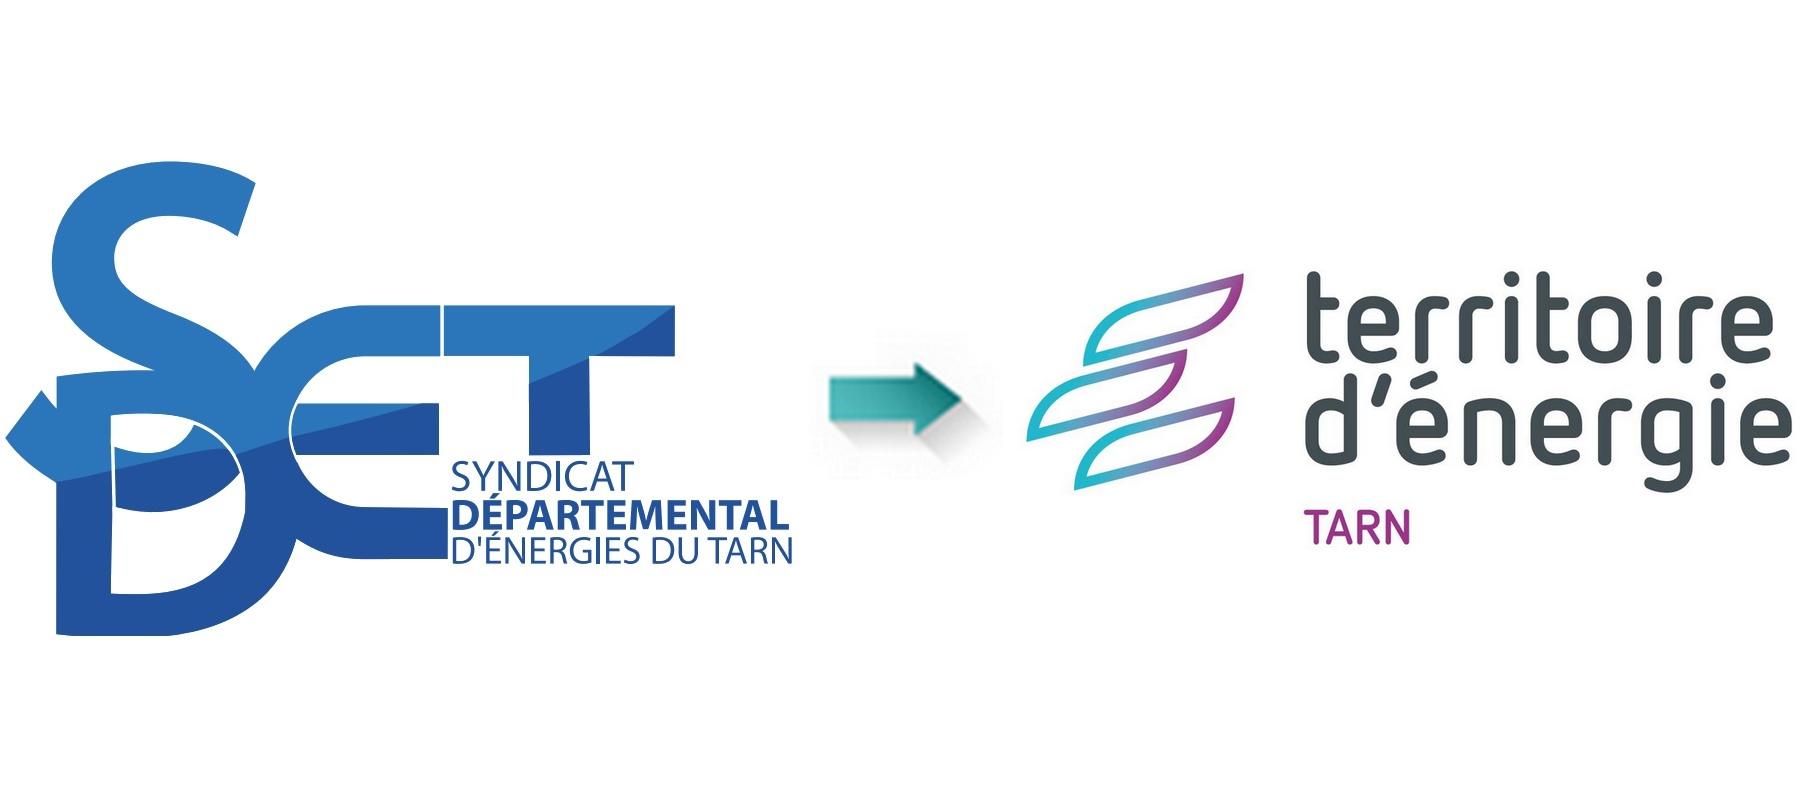 Logo S.D.E.T - Territoire d_énergie Tarn.jpg